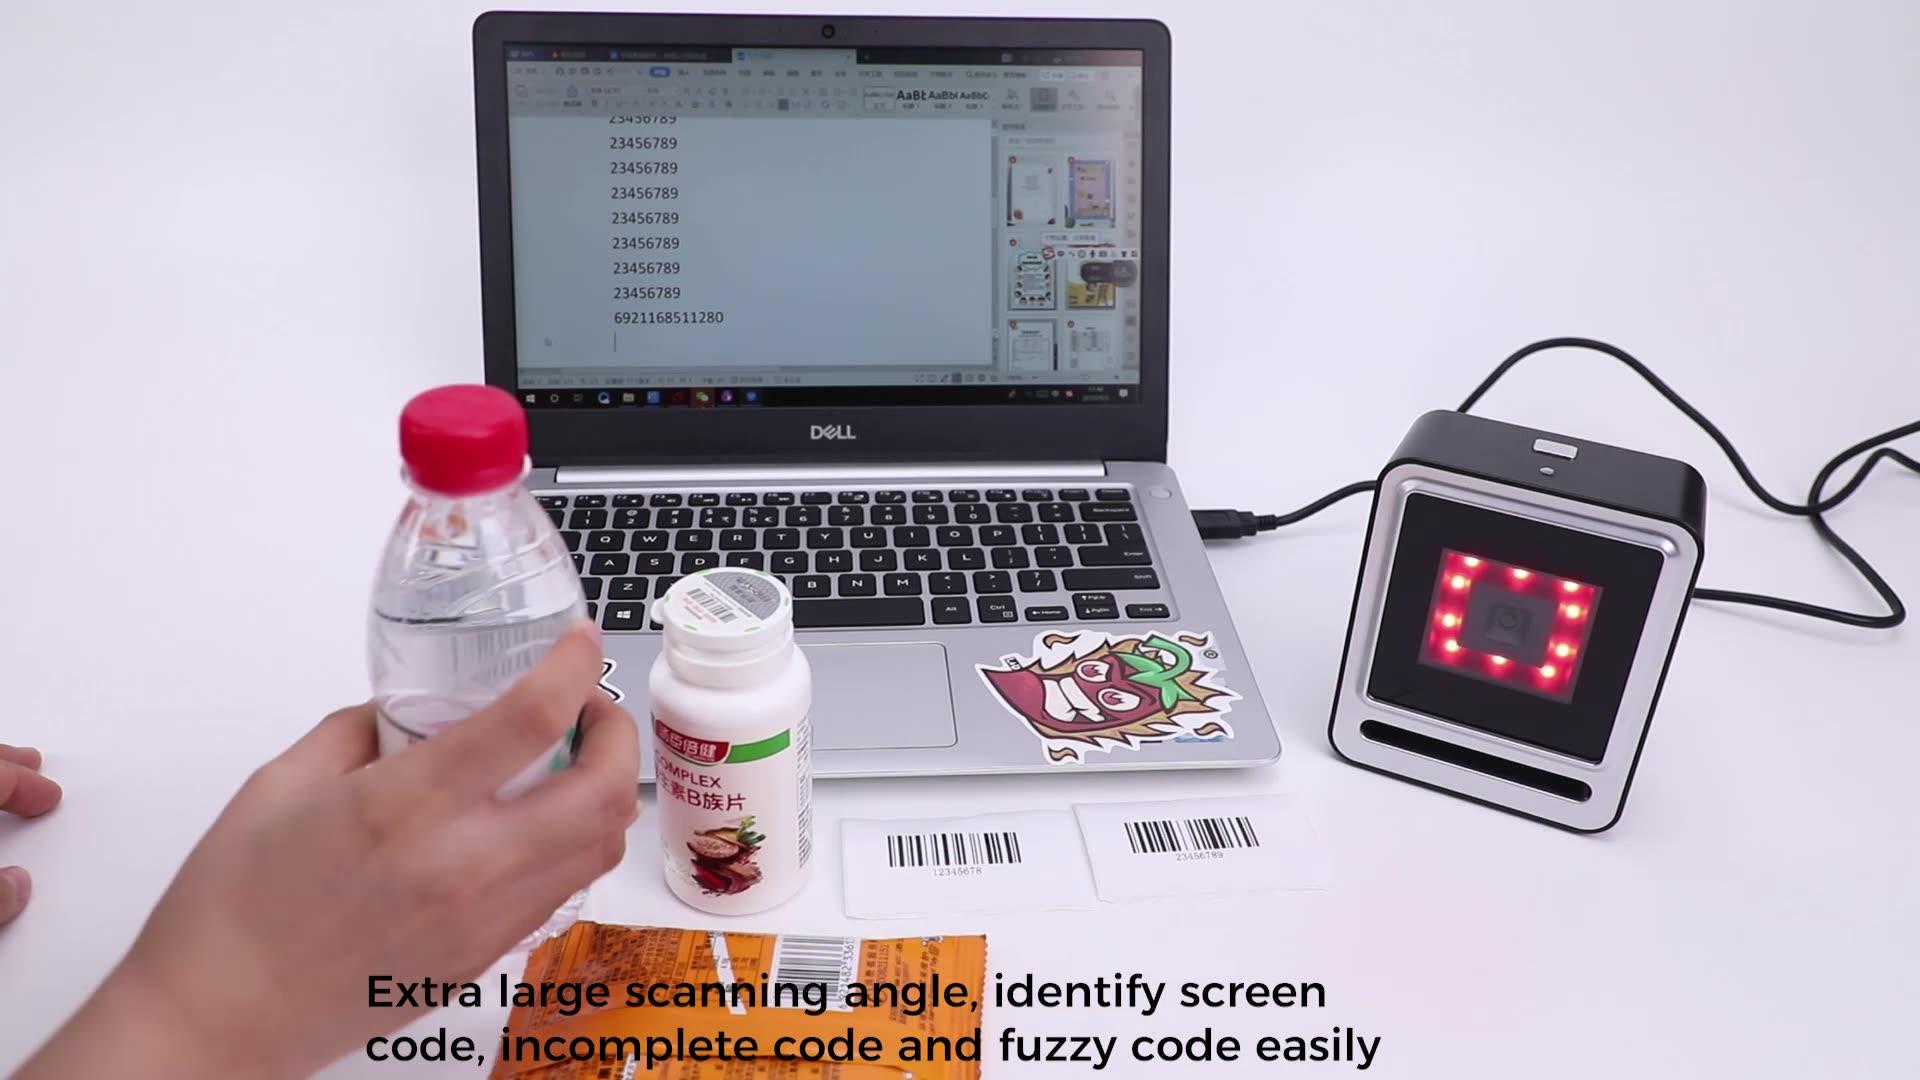 Scanner de código qr 2020 novo design scanner de código de barras desktop fabricante chinês oem odm